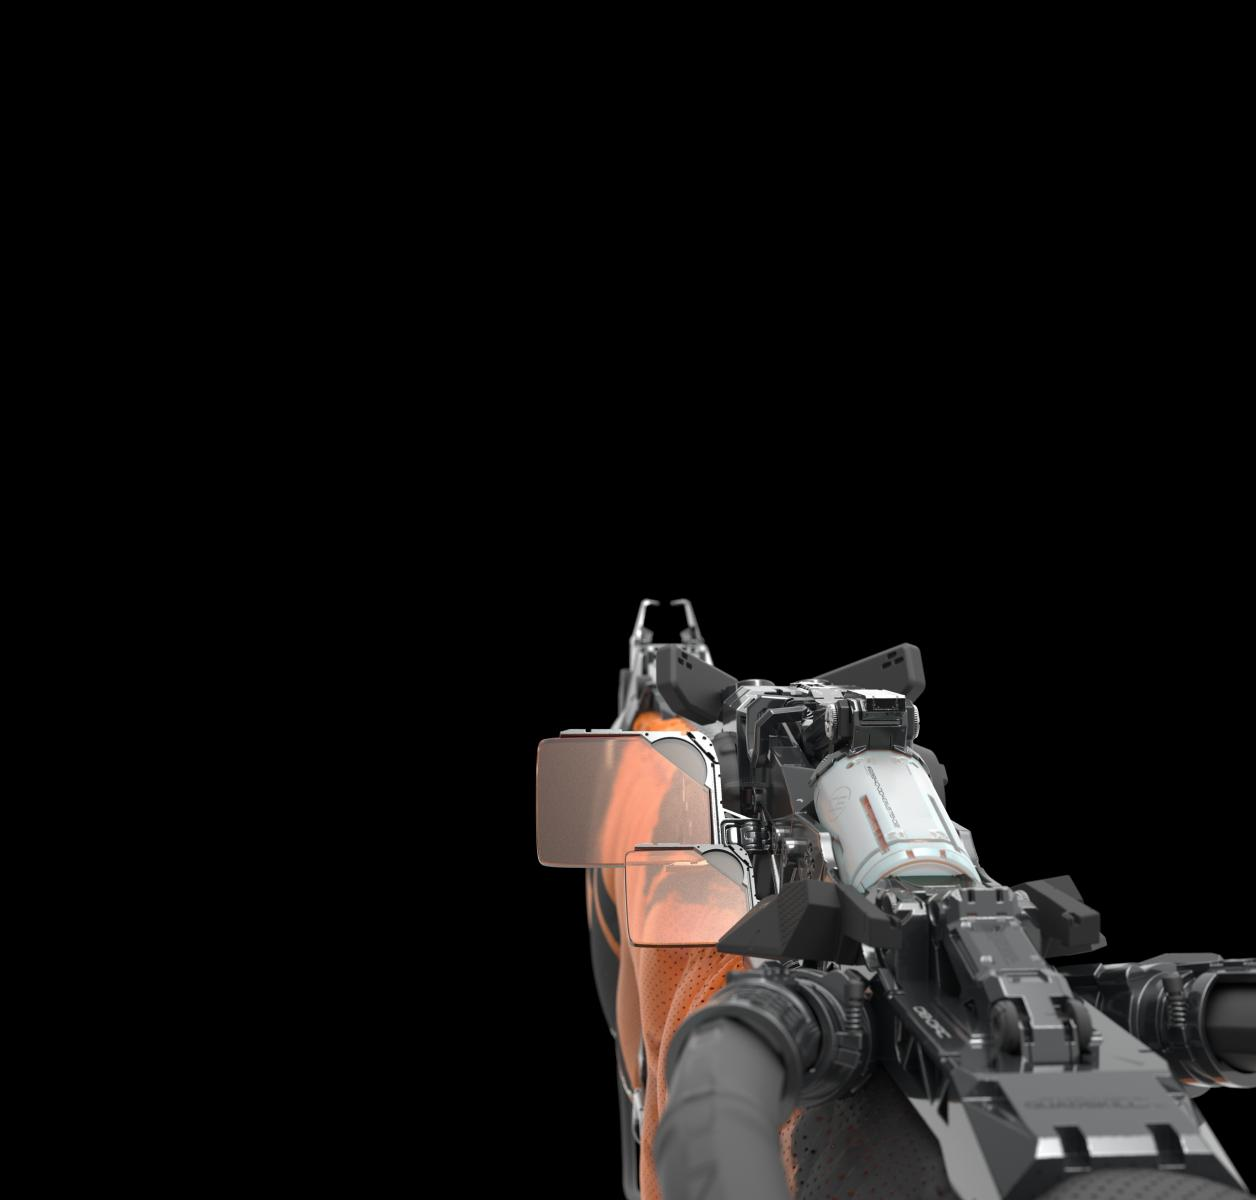 render-scene-001-orange-61.jpg